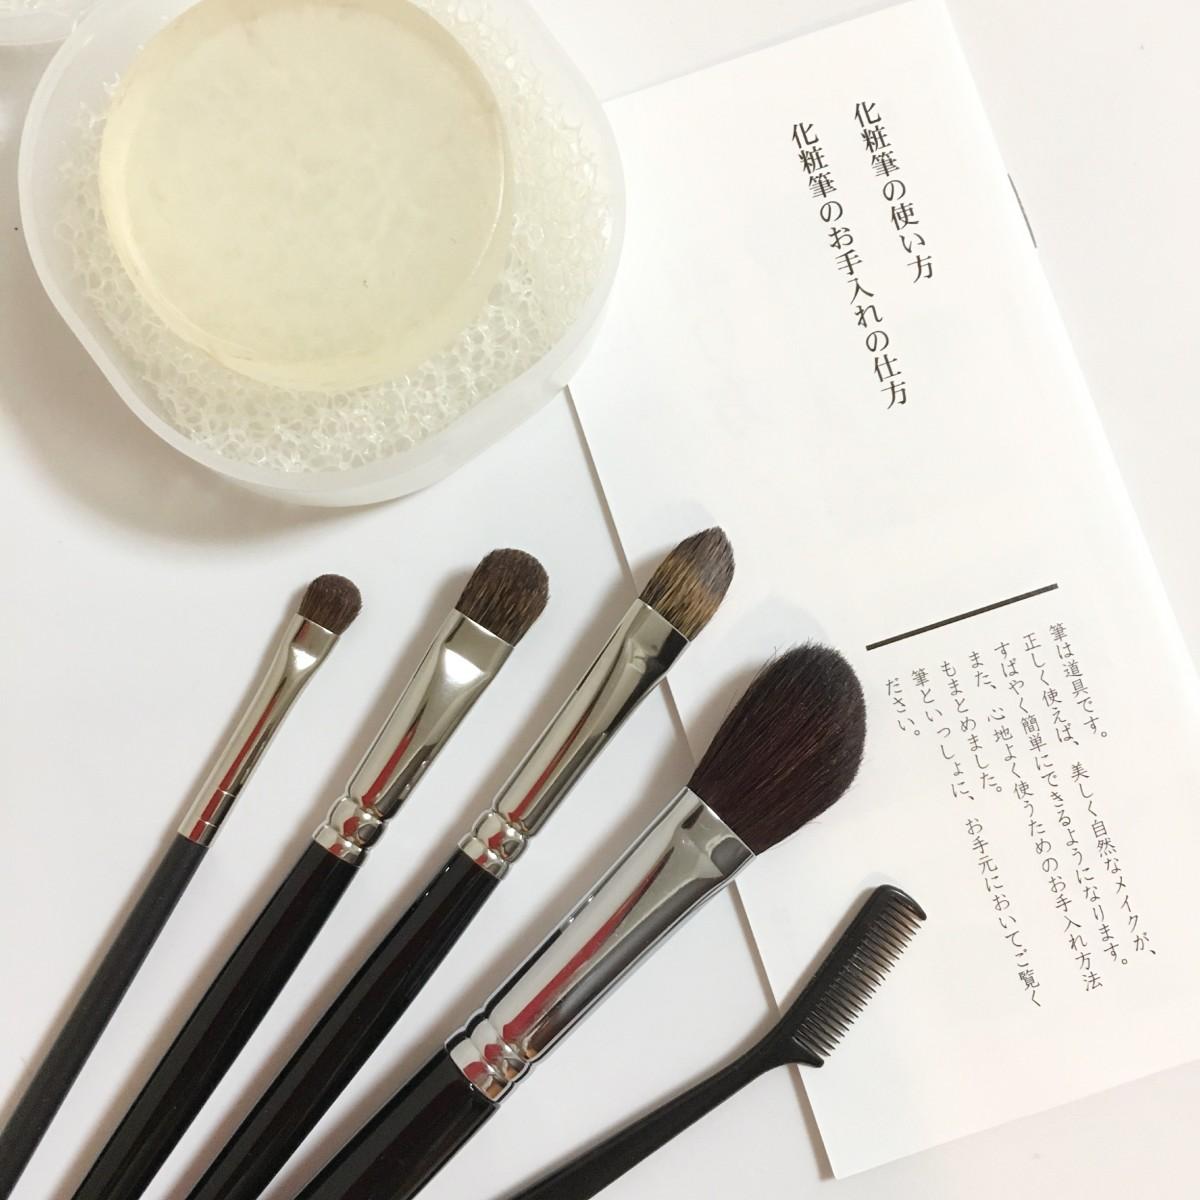 【メイクブラシを長く愛用するために】白鳳堂で聞いた「化粧筆の正しいお手入れ方法・洗い方」